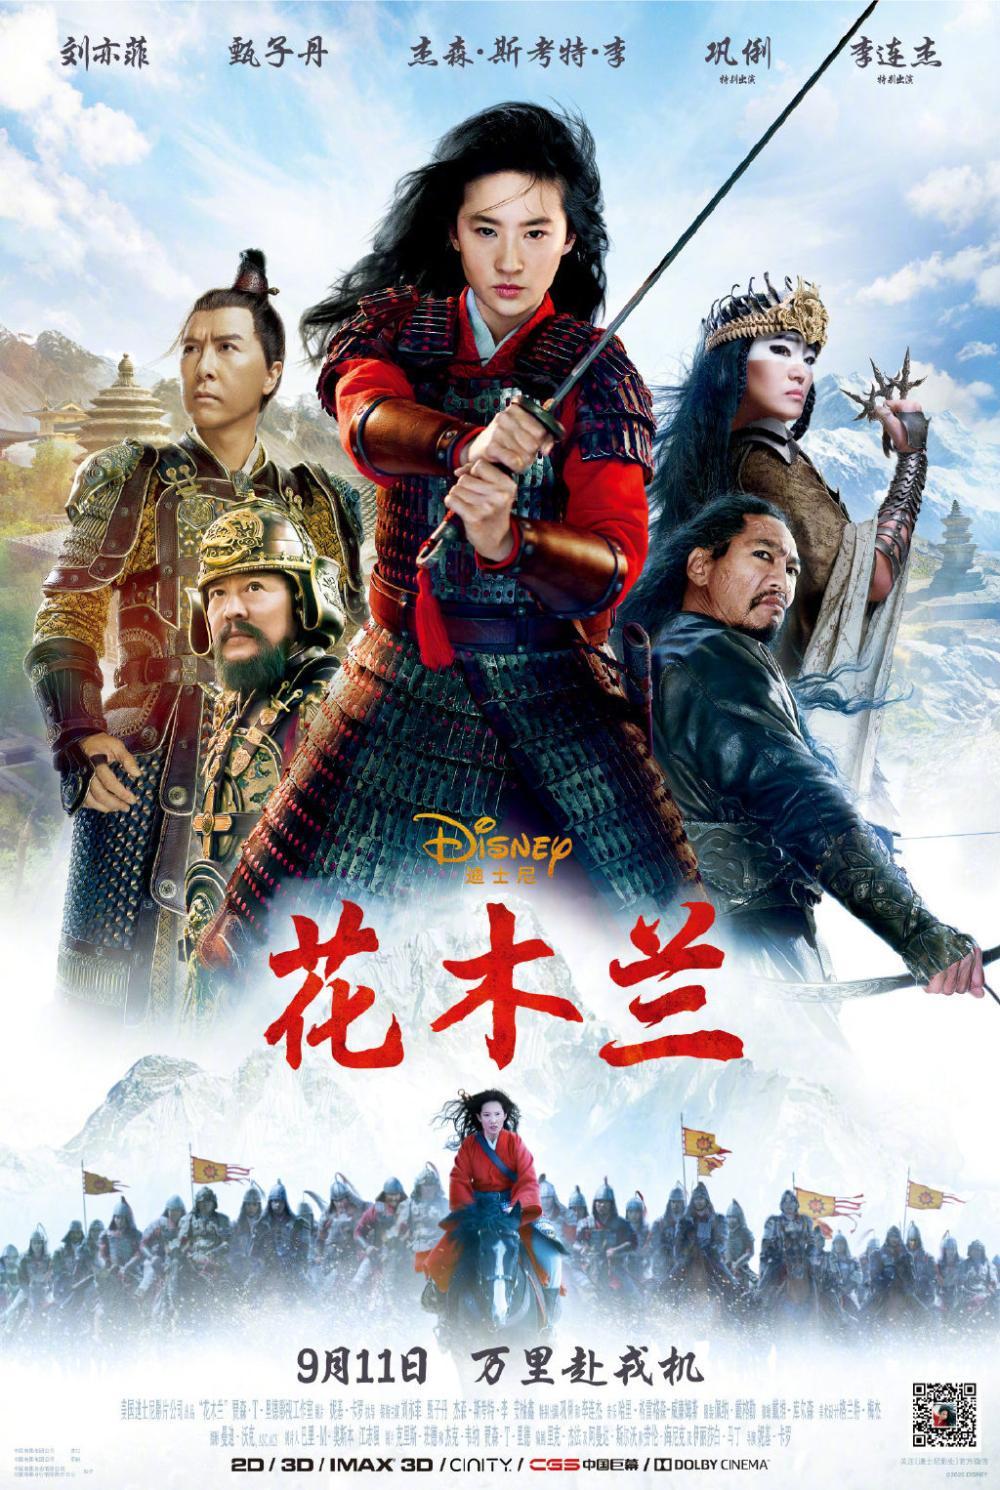 迪士尼真人版《花木兰》定档9月11日,来影院听刘亦菲原声中文配音